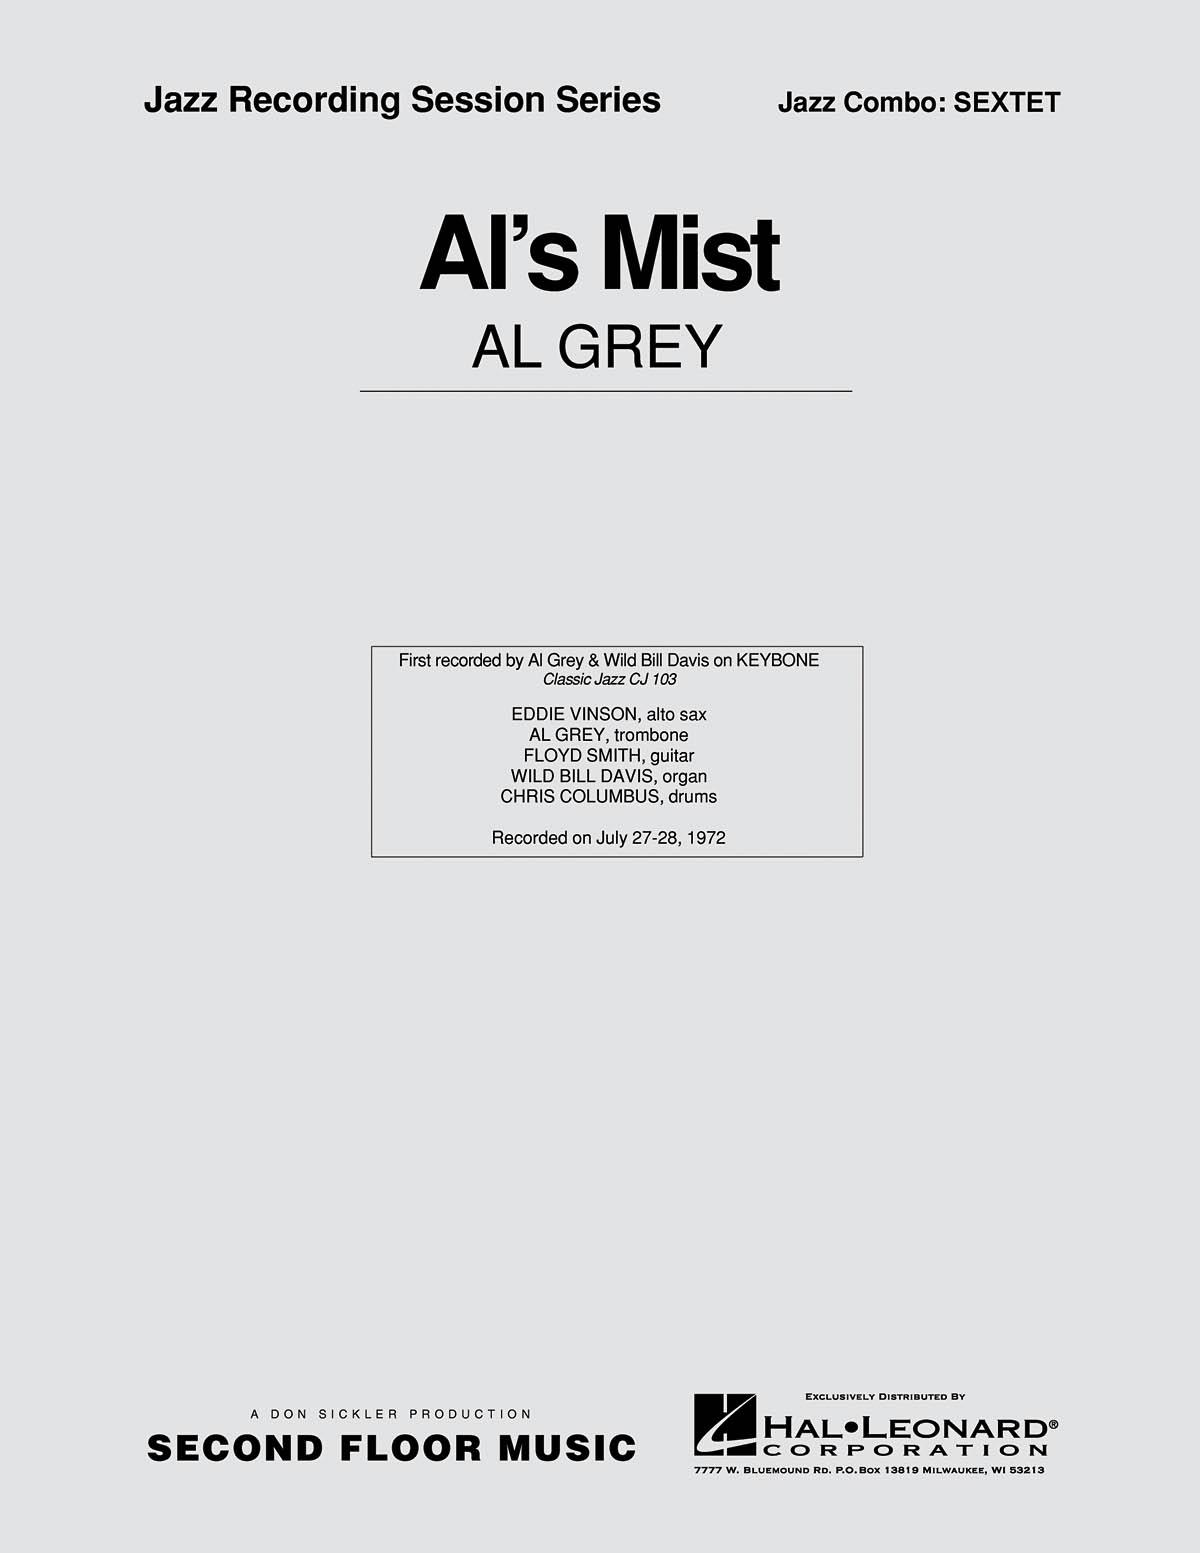 Al Grey: Al